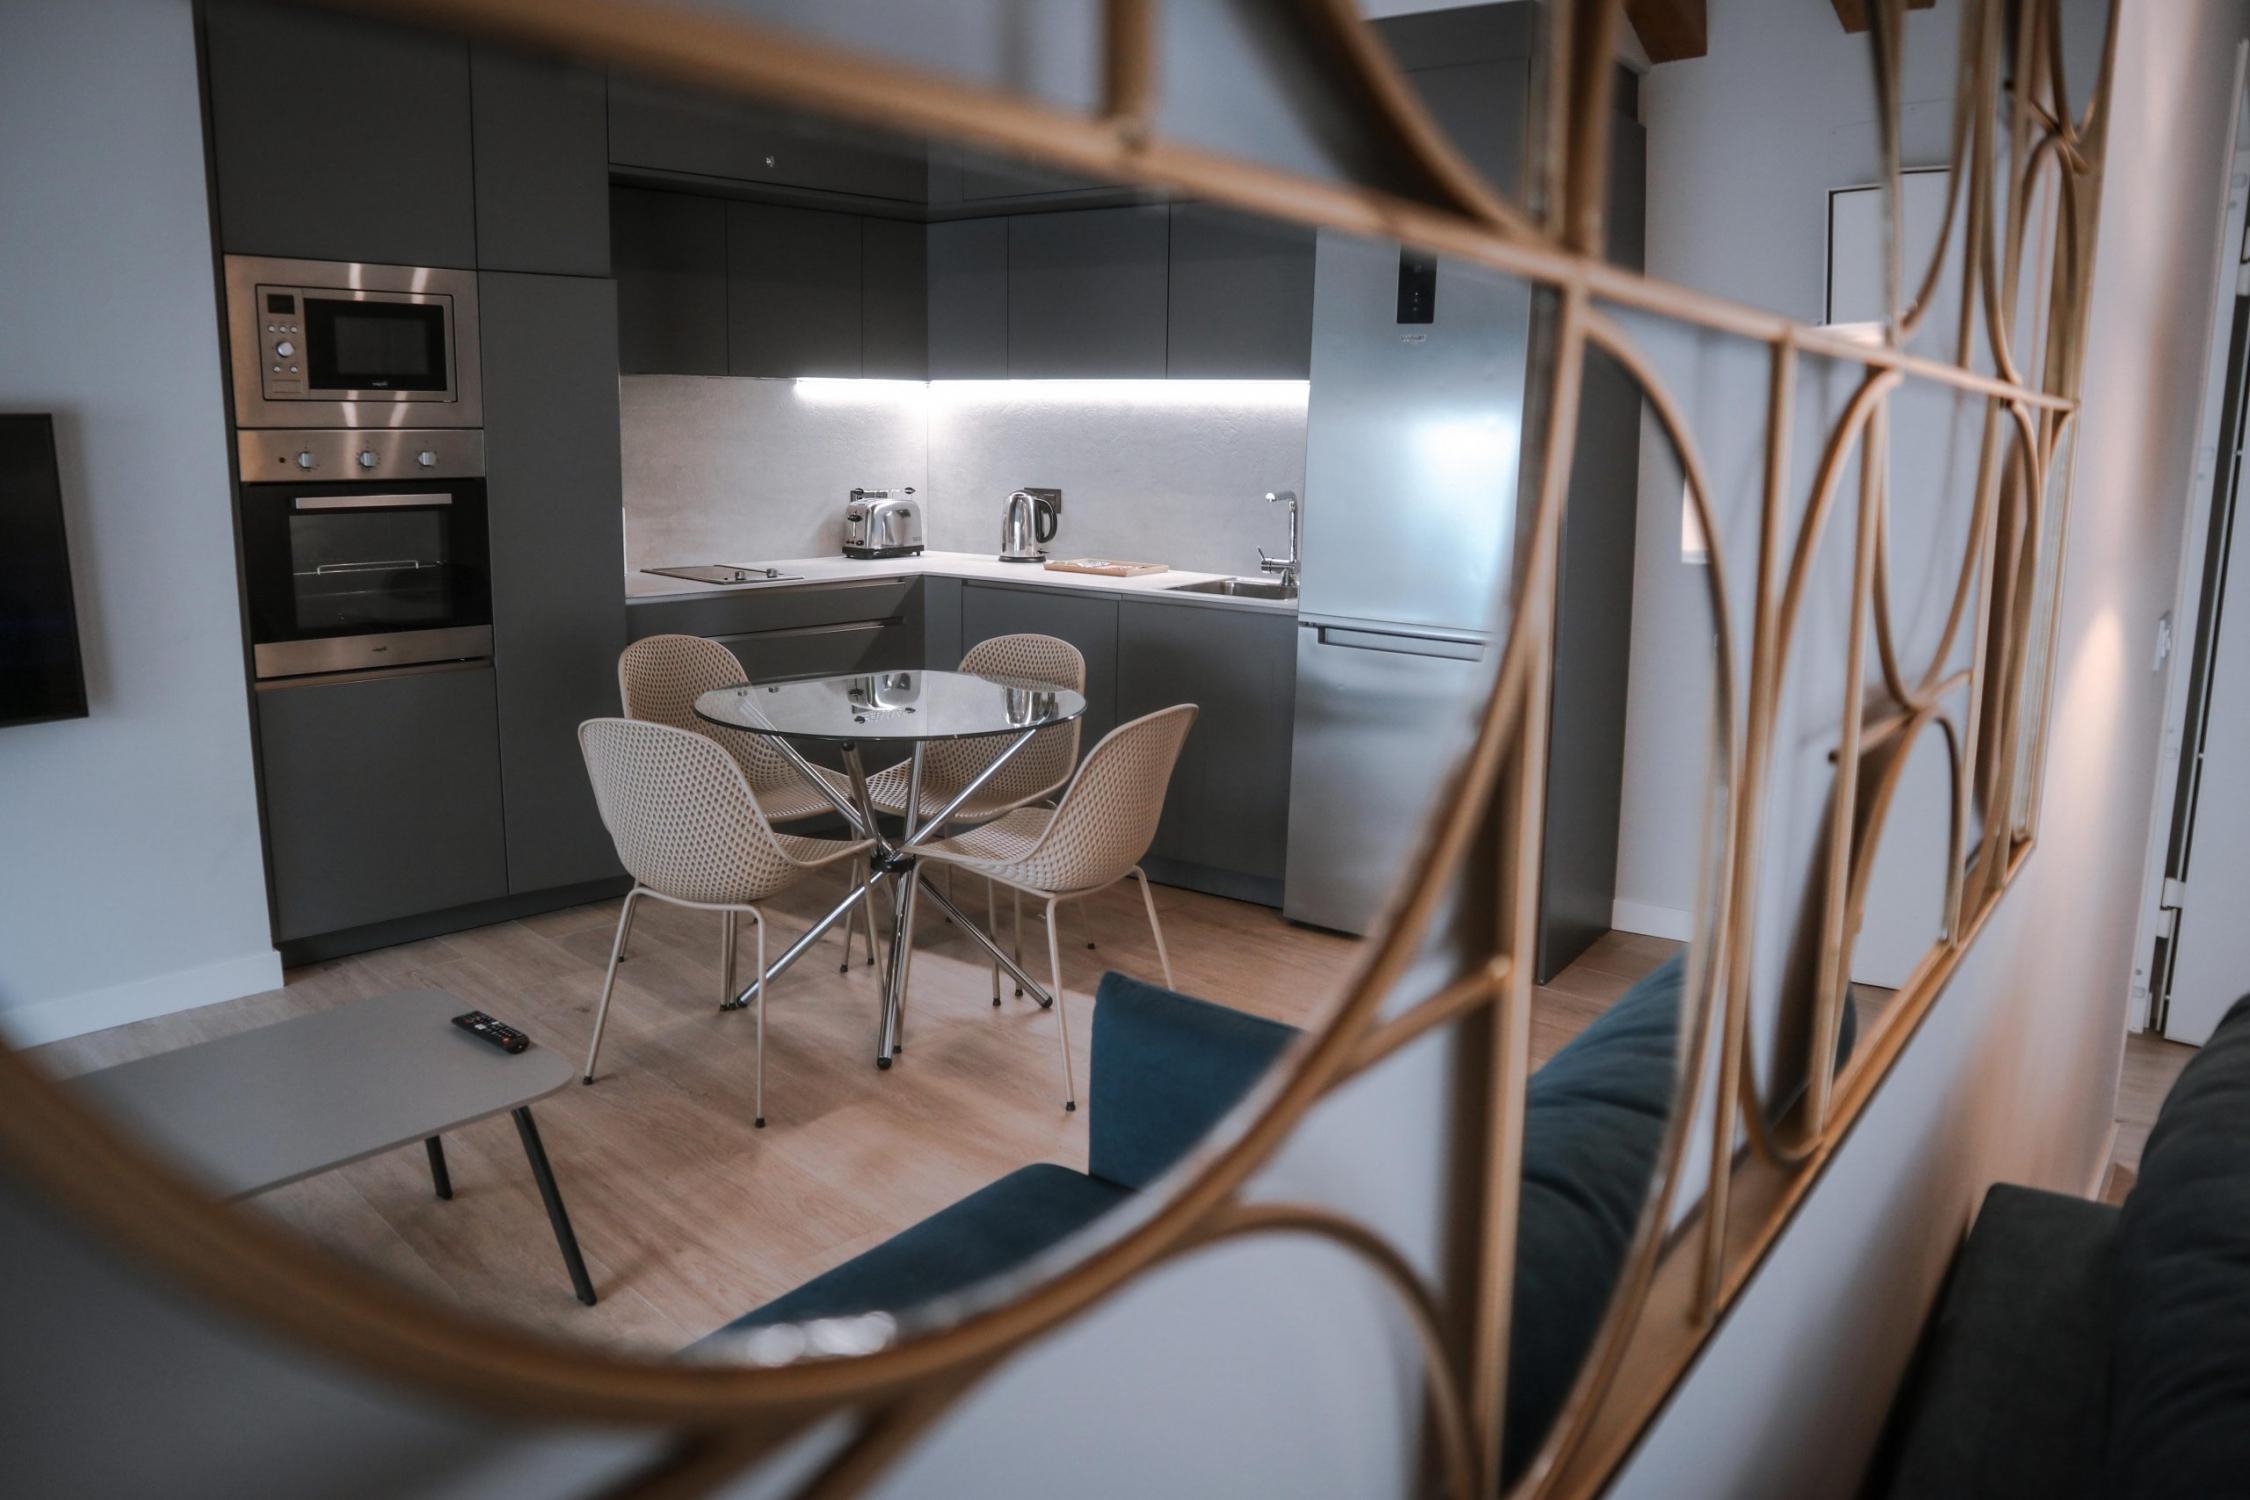 Interior de vivienda de labradores 24, Alicante. Salón y cocina integrada.